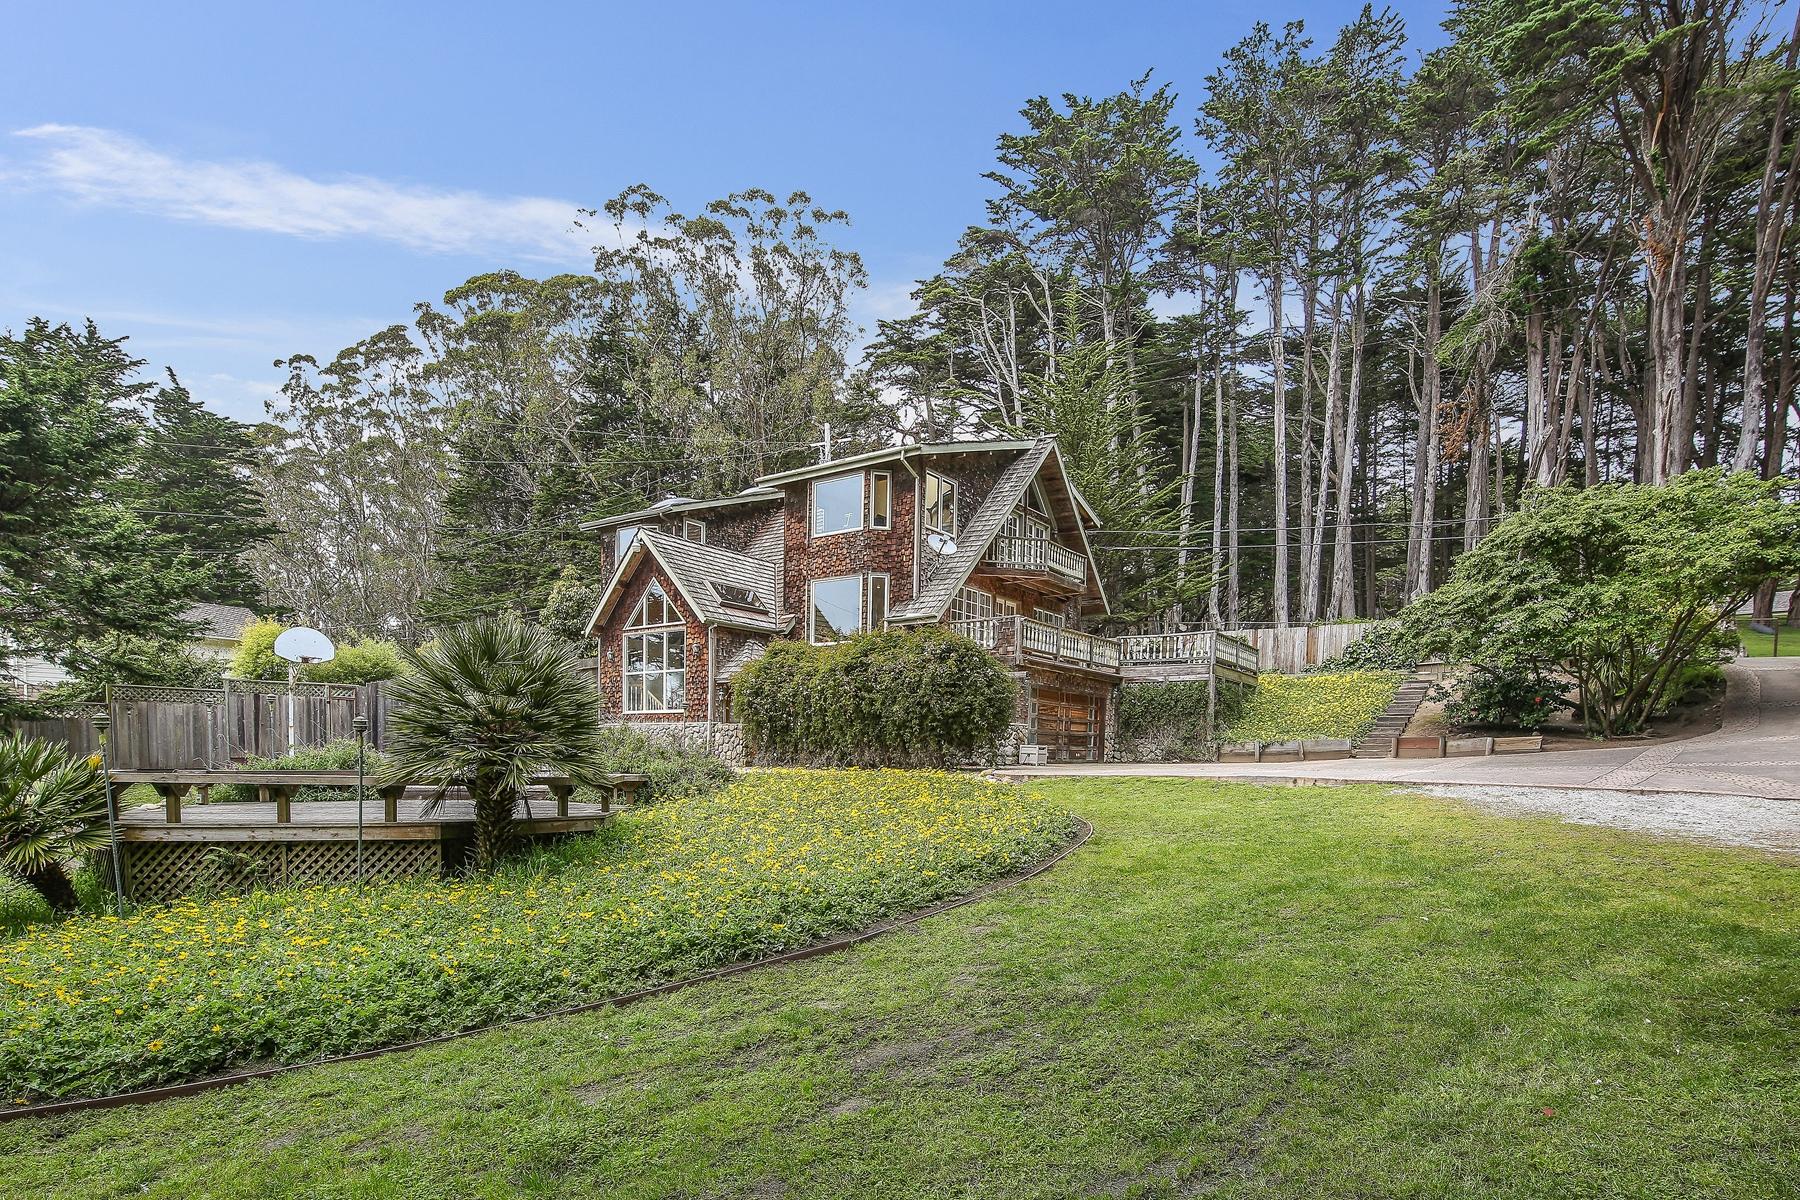 Single Family Home for Sale at 1300 Alamo 1300 Alamo St. Montara, California 94037 United States